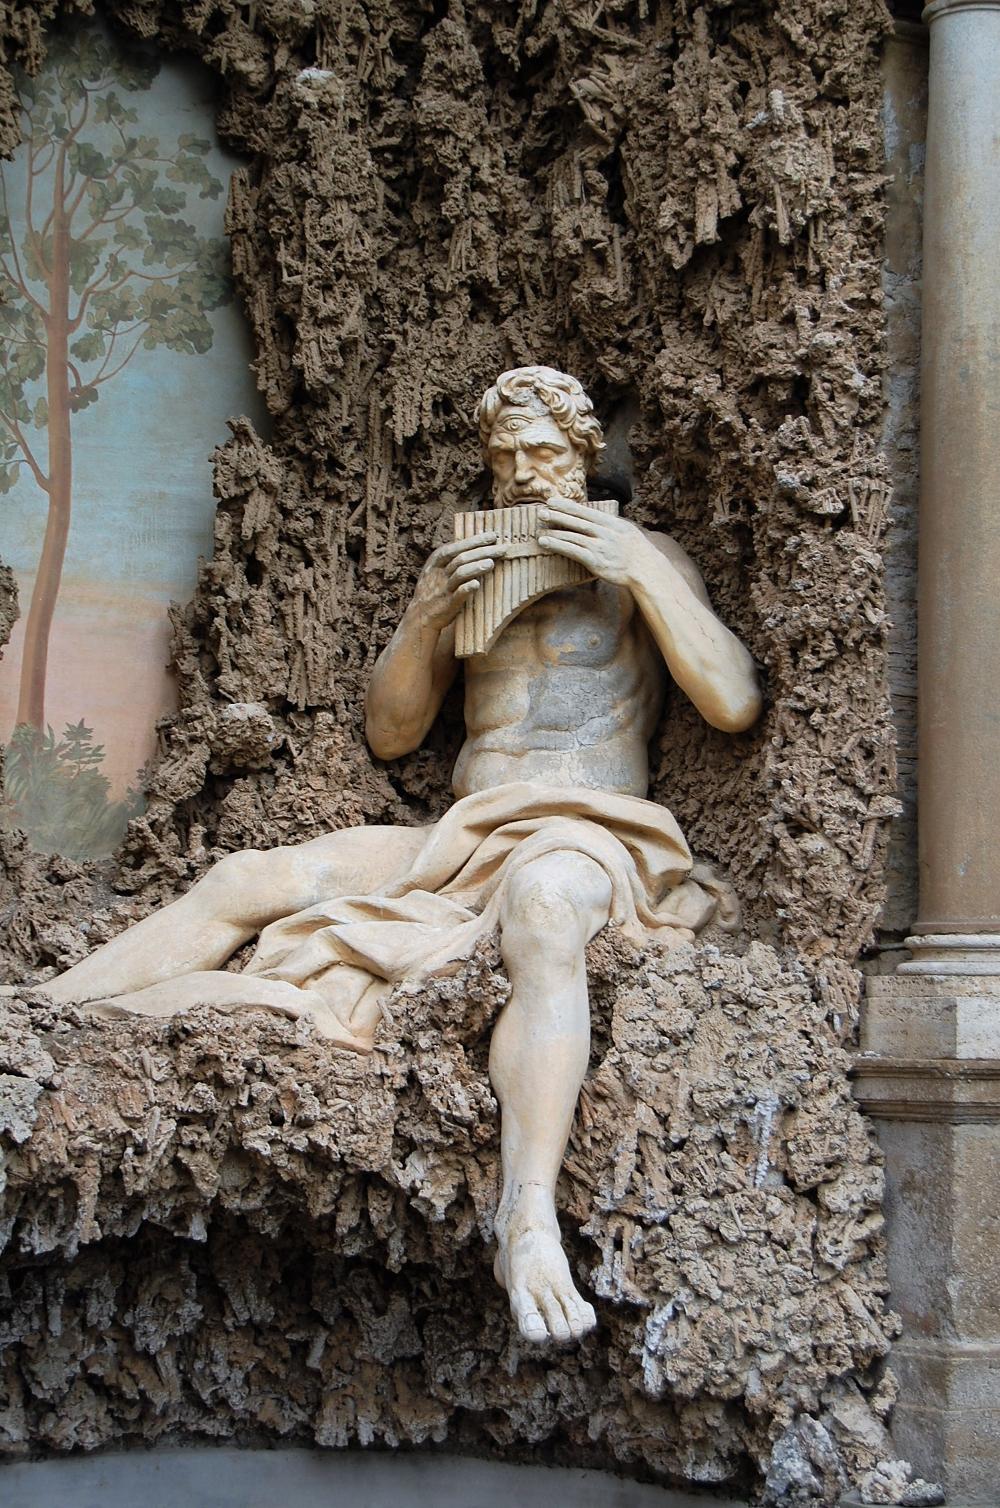 rocaille-blog-villa-aldobrandini-frascati-giardino (9)